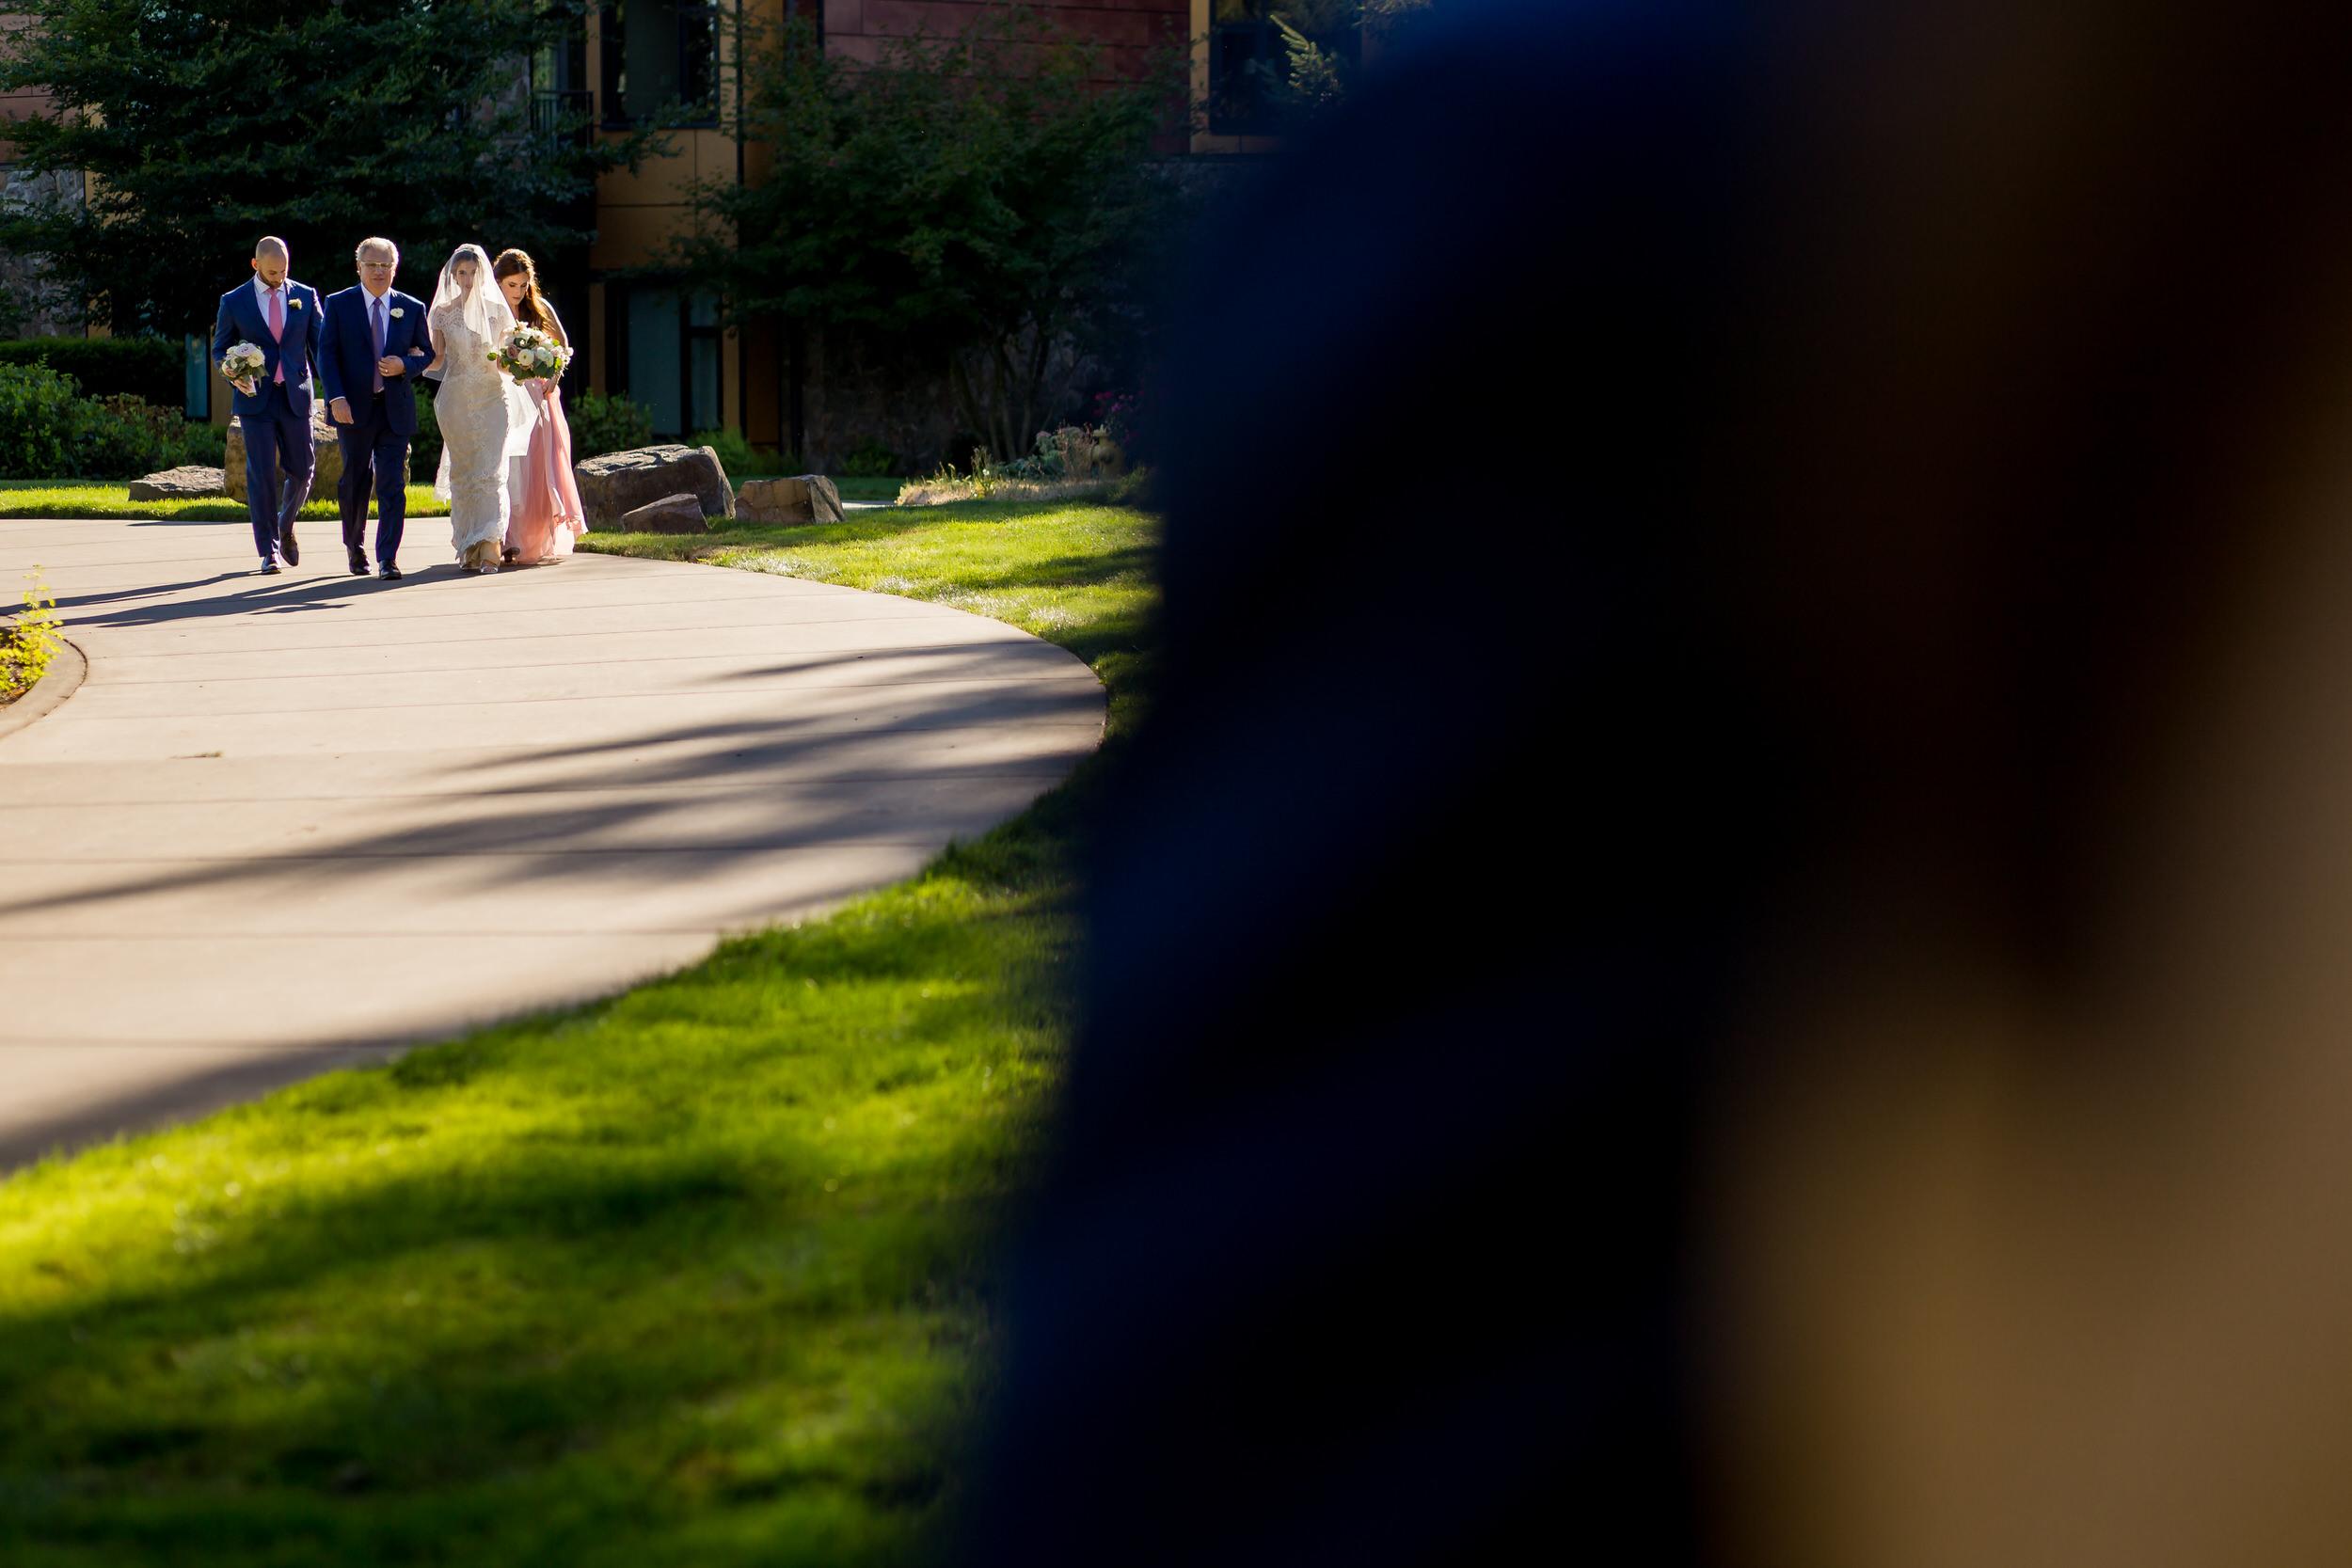 jake_marisa_allison_inn_wedding_starkphotography_023